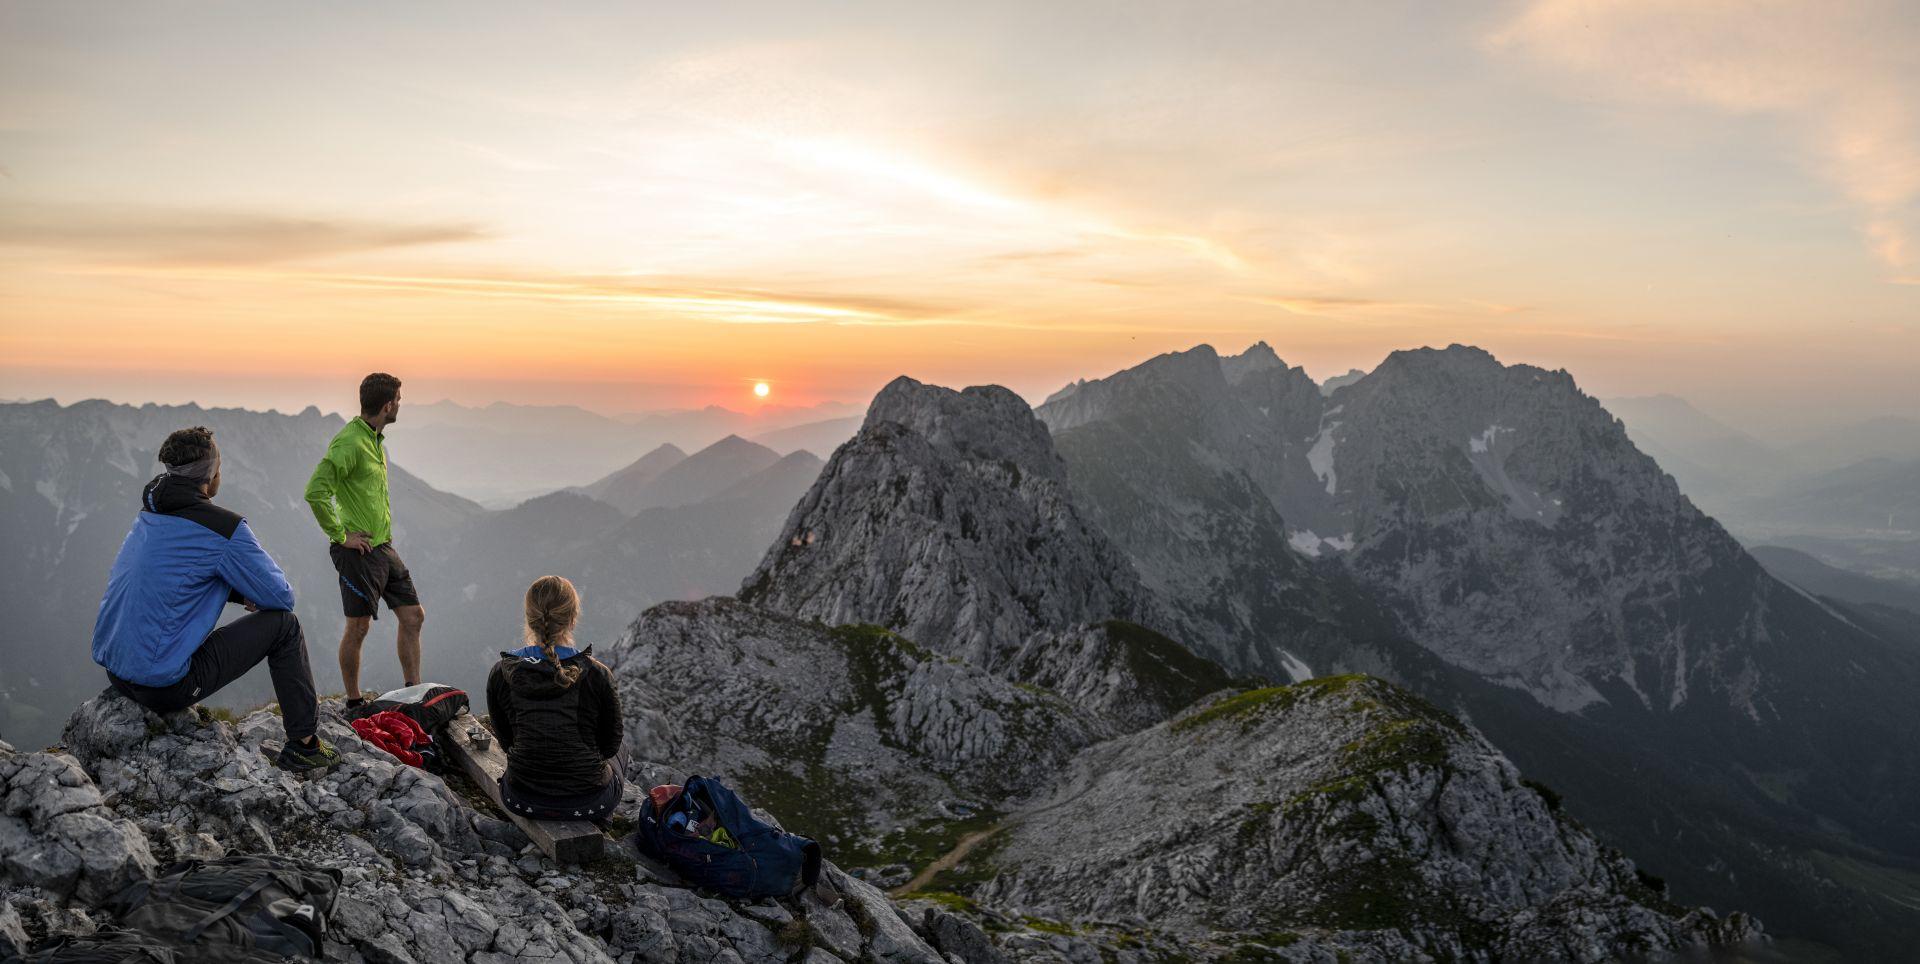 Ein tiefroter Feuerball erscheint am Horizont, der langsam immer größer wird. Der erste Sonnenstrahl trifft auf das Gesicht und lässt den kalten Wind vergessen.